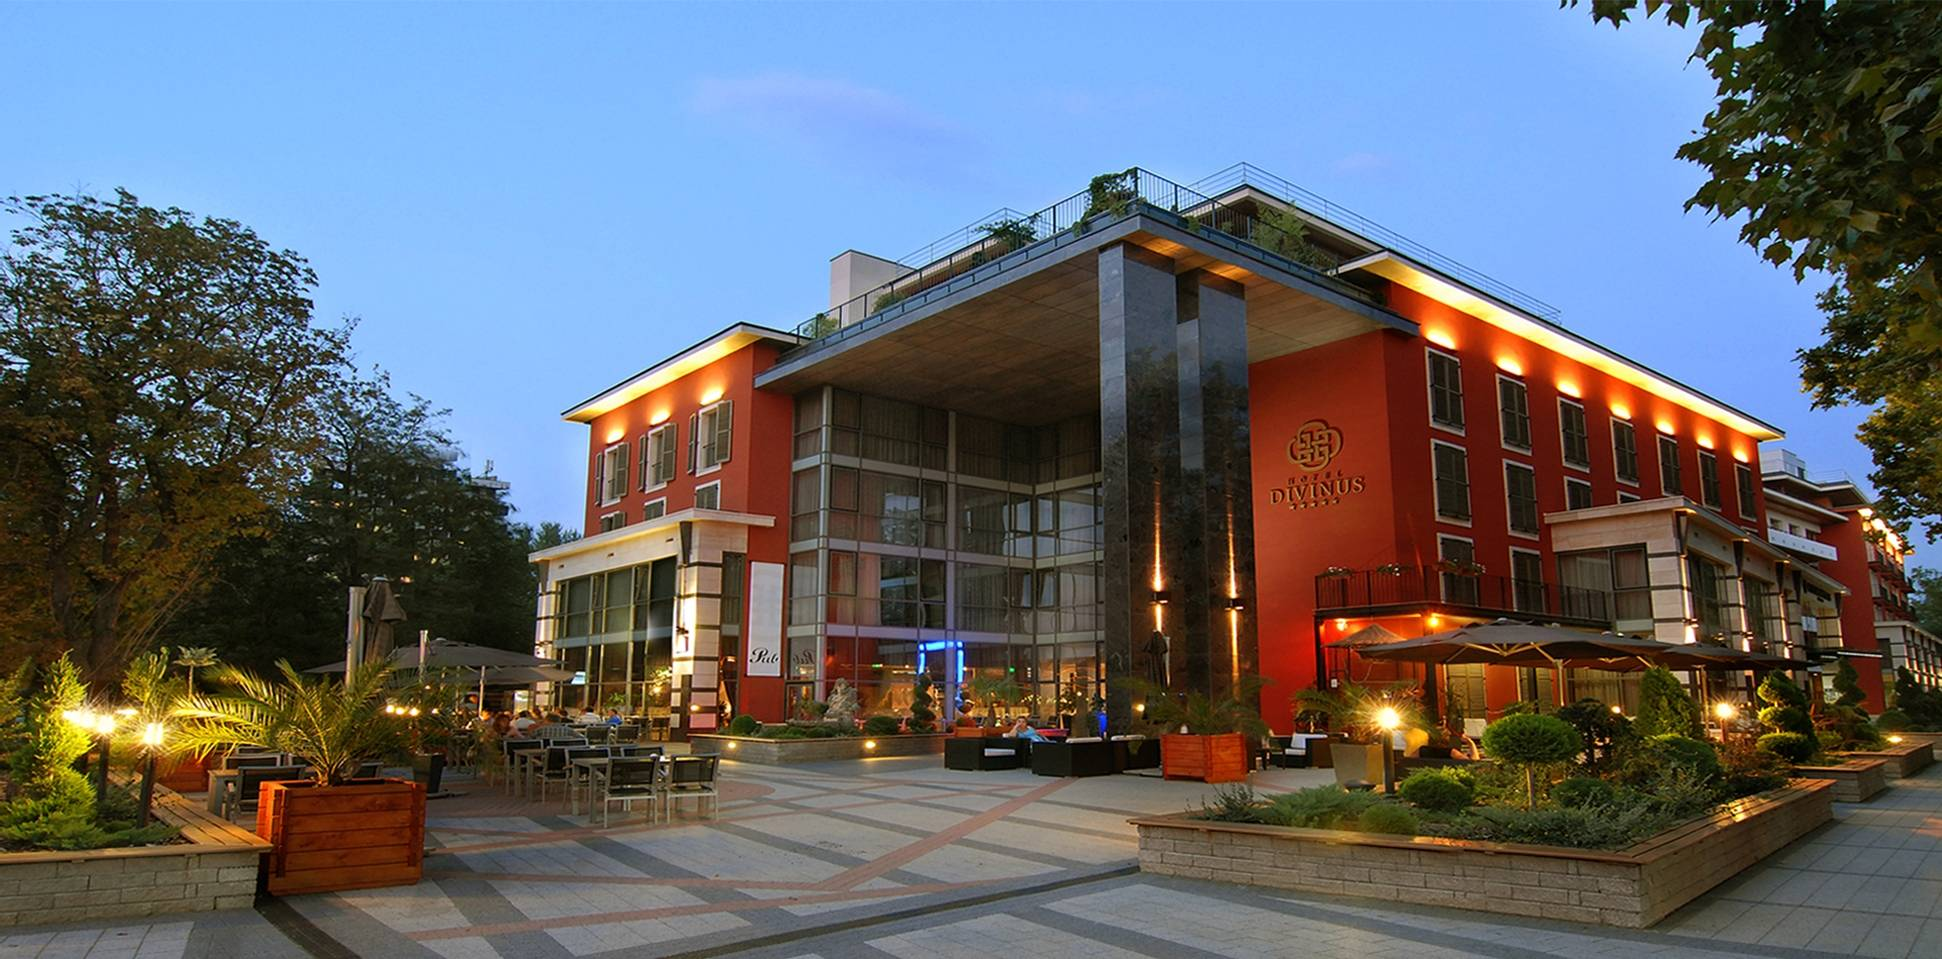 7a7e9b5e51 Hotel Divinus Debrecen - Szallas.hu